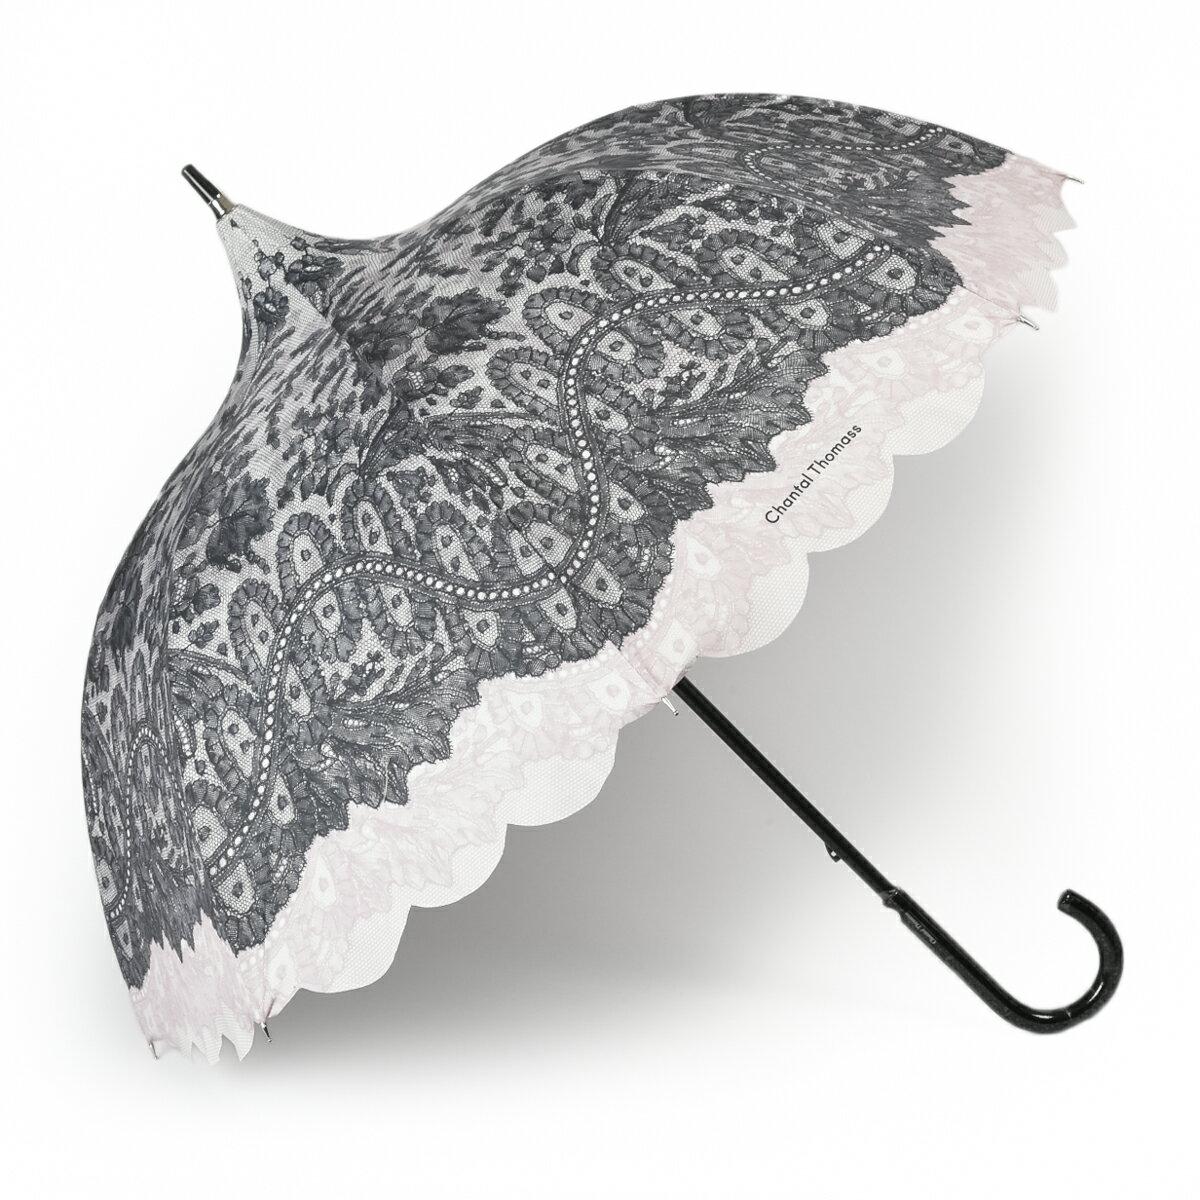 傘, 晴雨兼用傘  CHANTAL THOMASS CT1084 UV